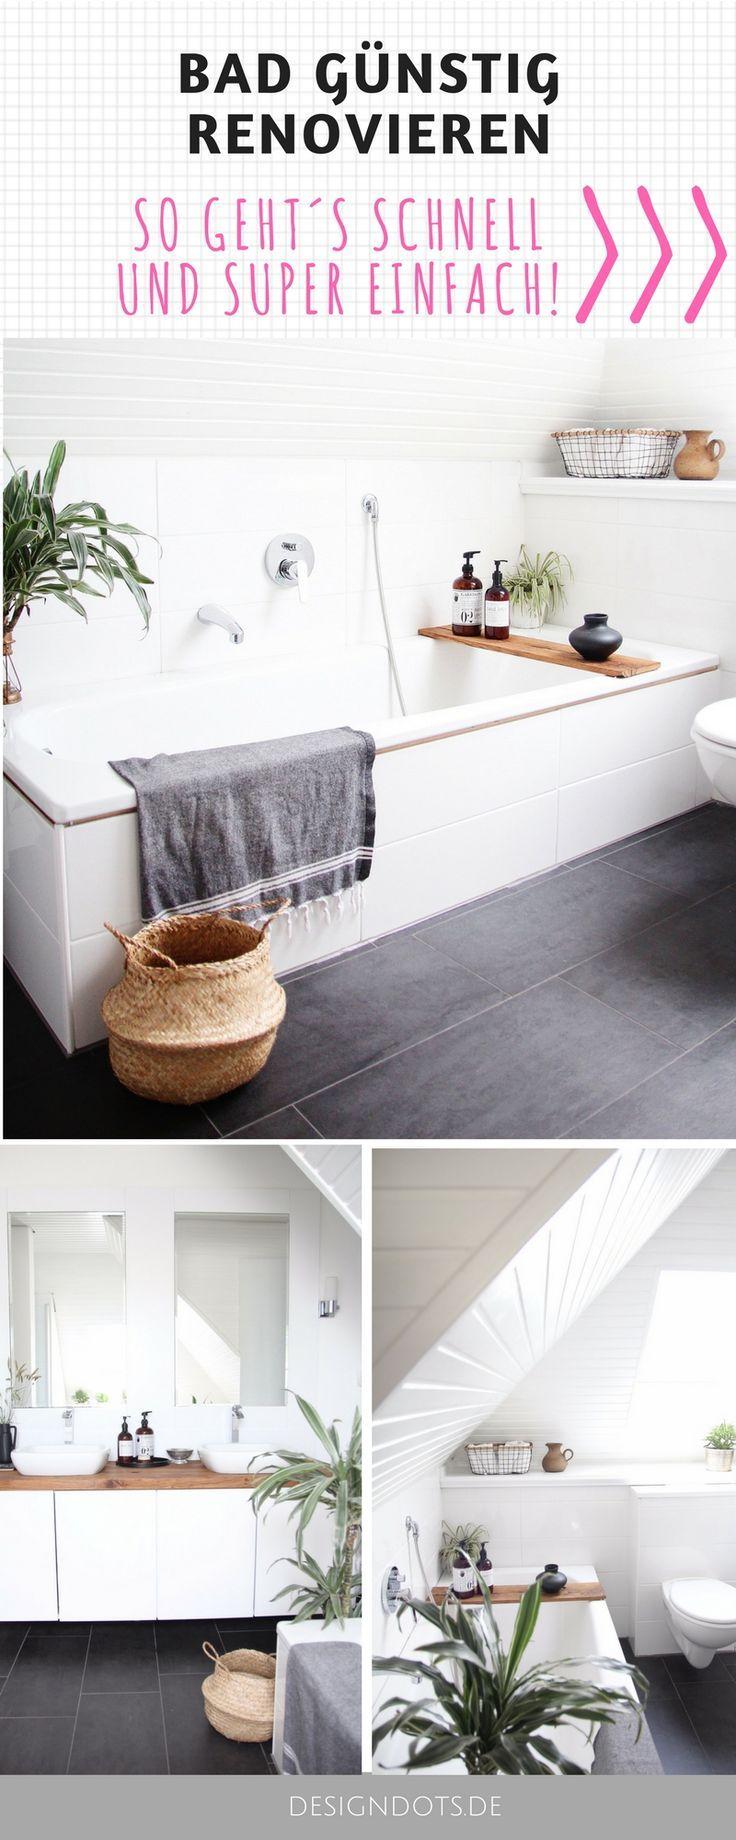 Badezimmer Selbst Renovieren Mit Bildern Badezimmer Renovieren Bad Renovieren Kosten Renovieren